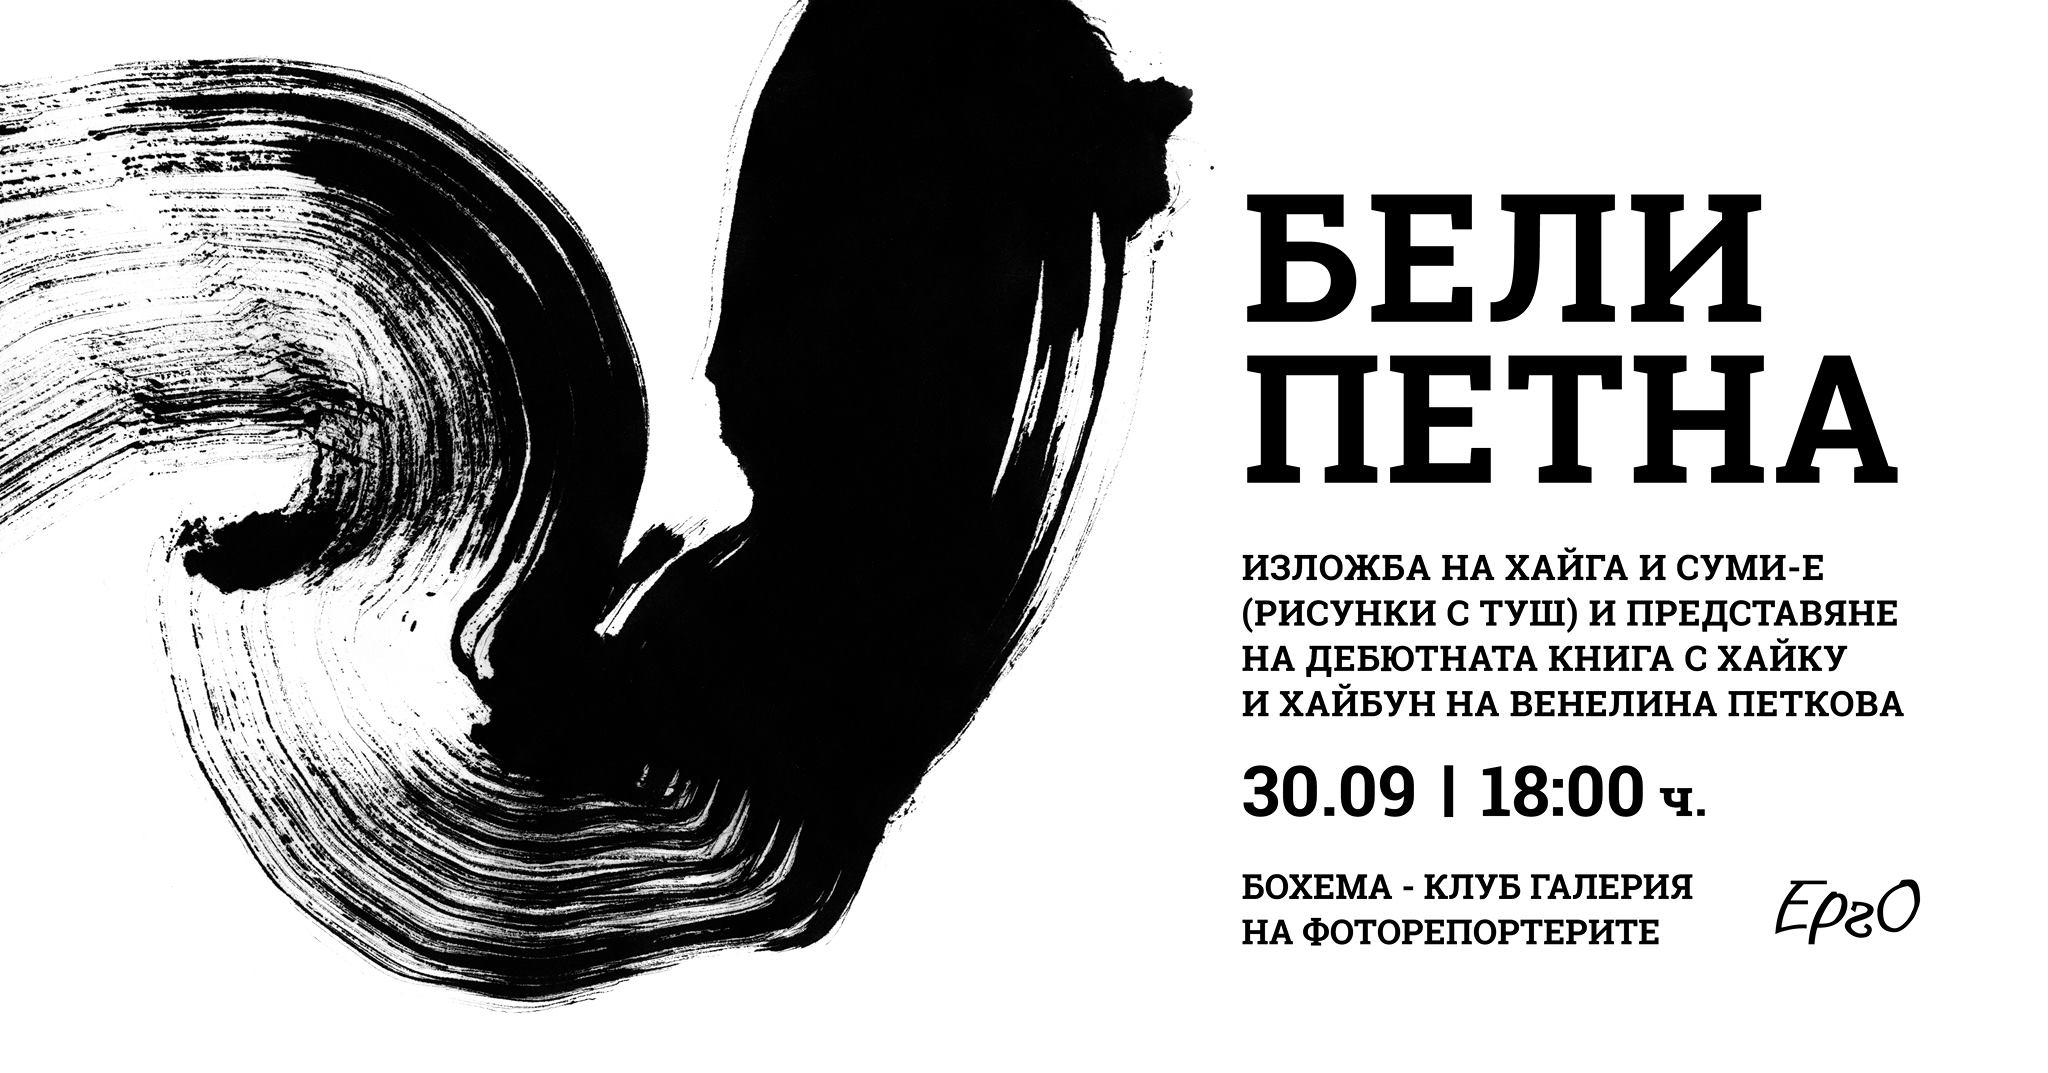 Бели петна - изложба и литературен хайку дебют